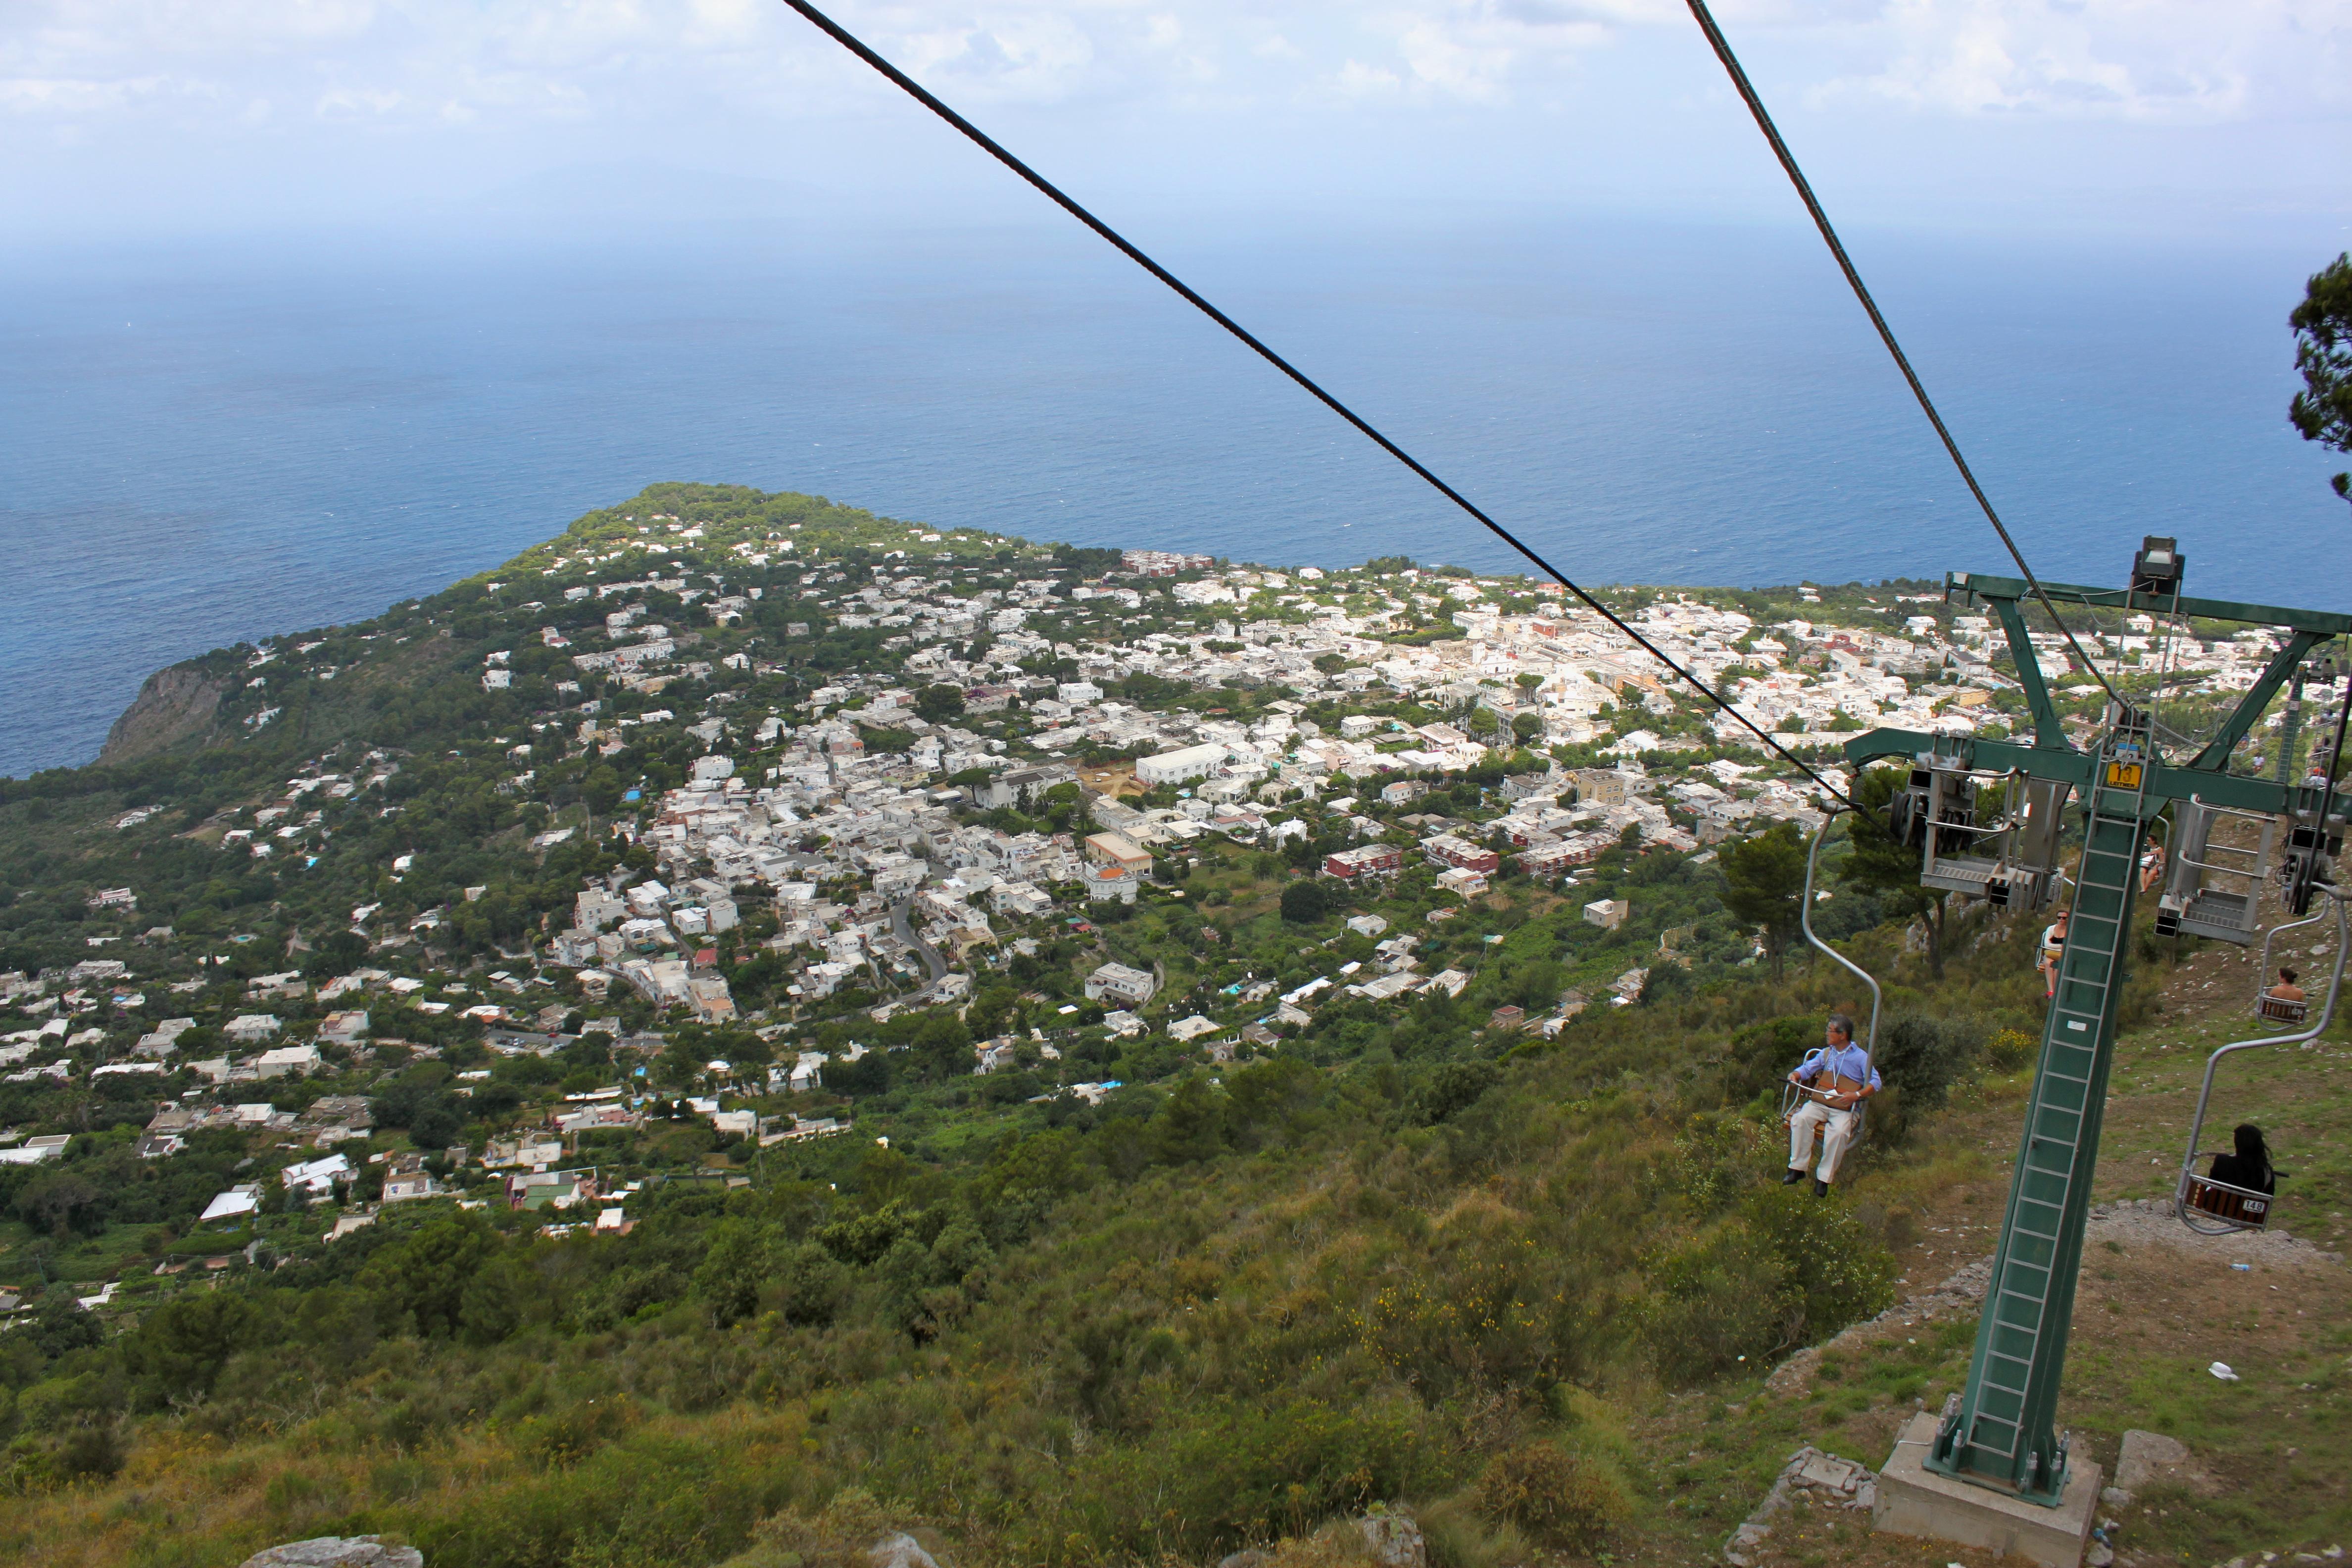 chairlift to mount solaro anacapri italy alicia tastes life